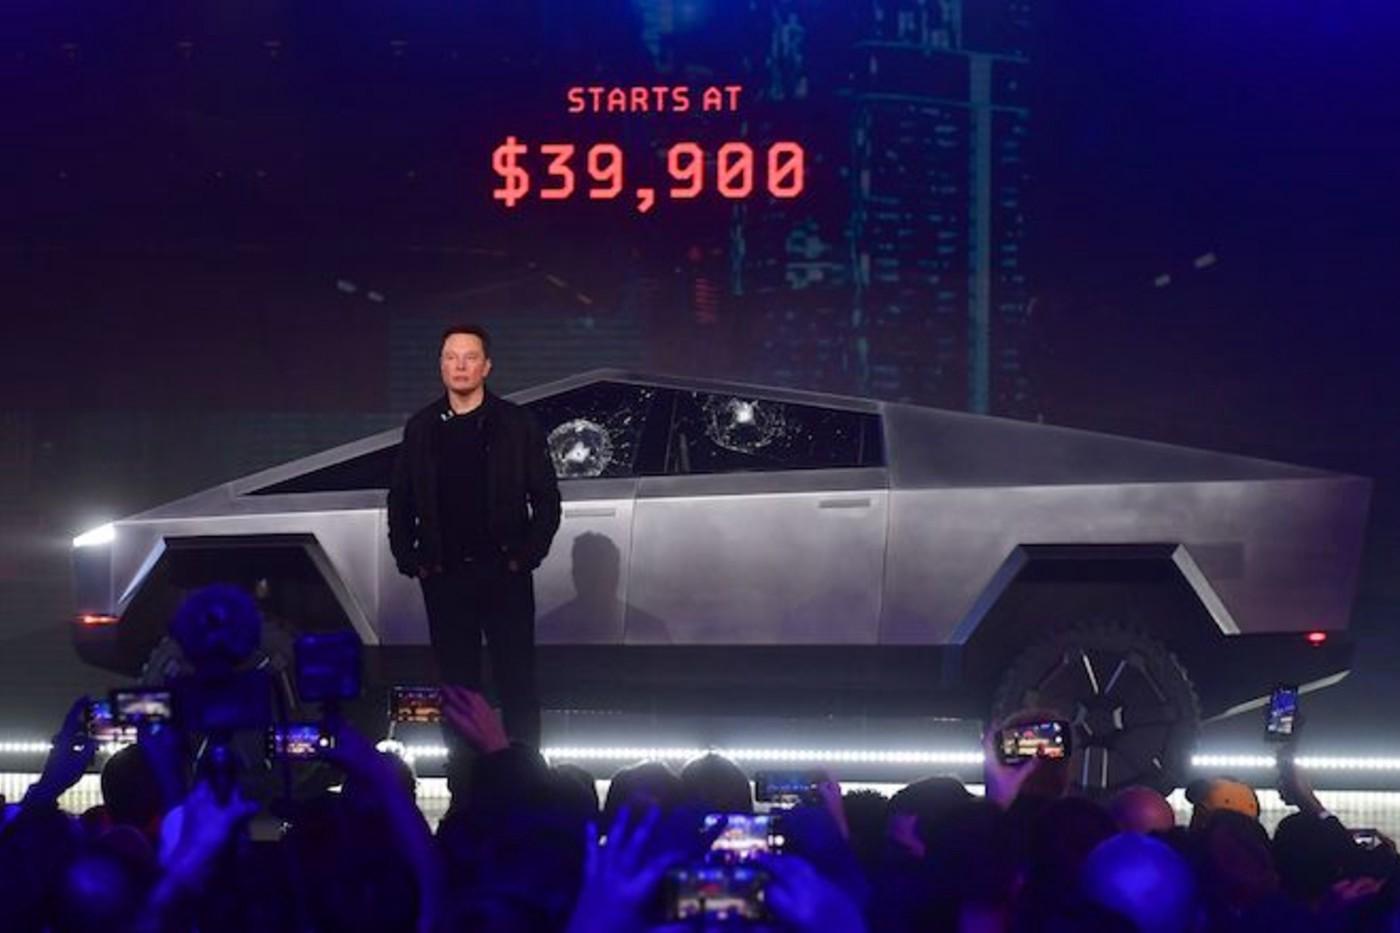 Vì đâu chỉ sau 18 tháng giá trị Tesla gấp 250 lần WeWork: Sự khác biệt về lãnh đạo trong một thập kỷ dẫn đến kết cục khác biệt - Ảnh 2.